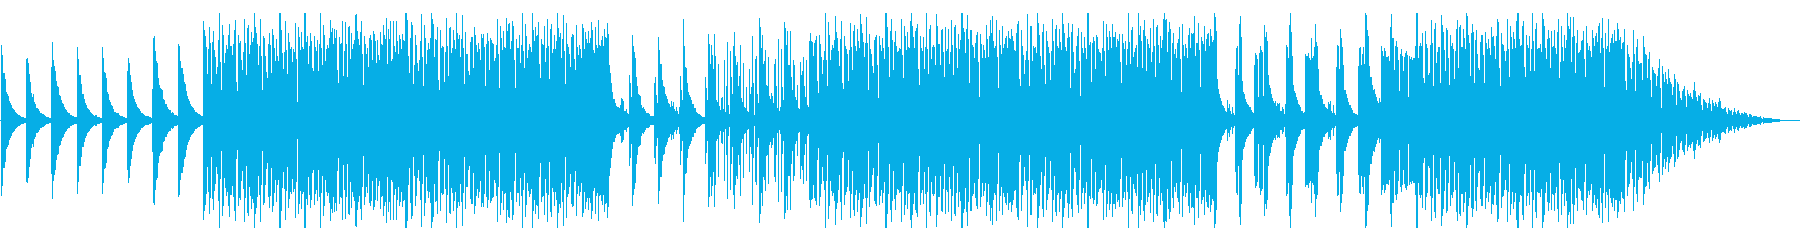 不気味な森を探索するようなBGMの再生済みの波形